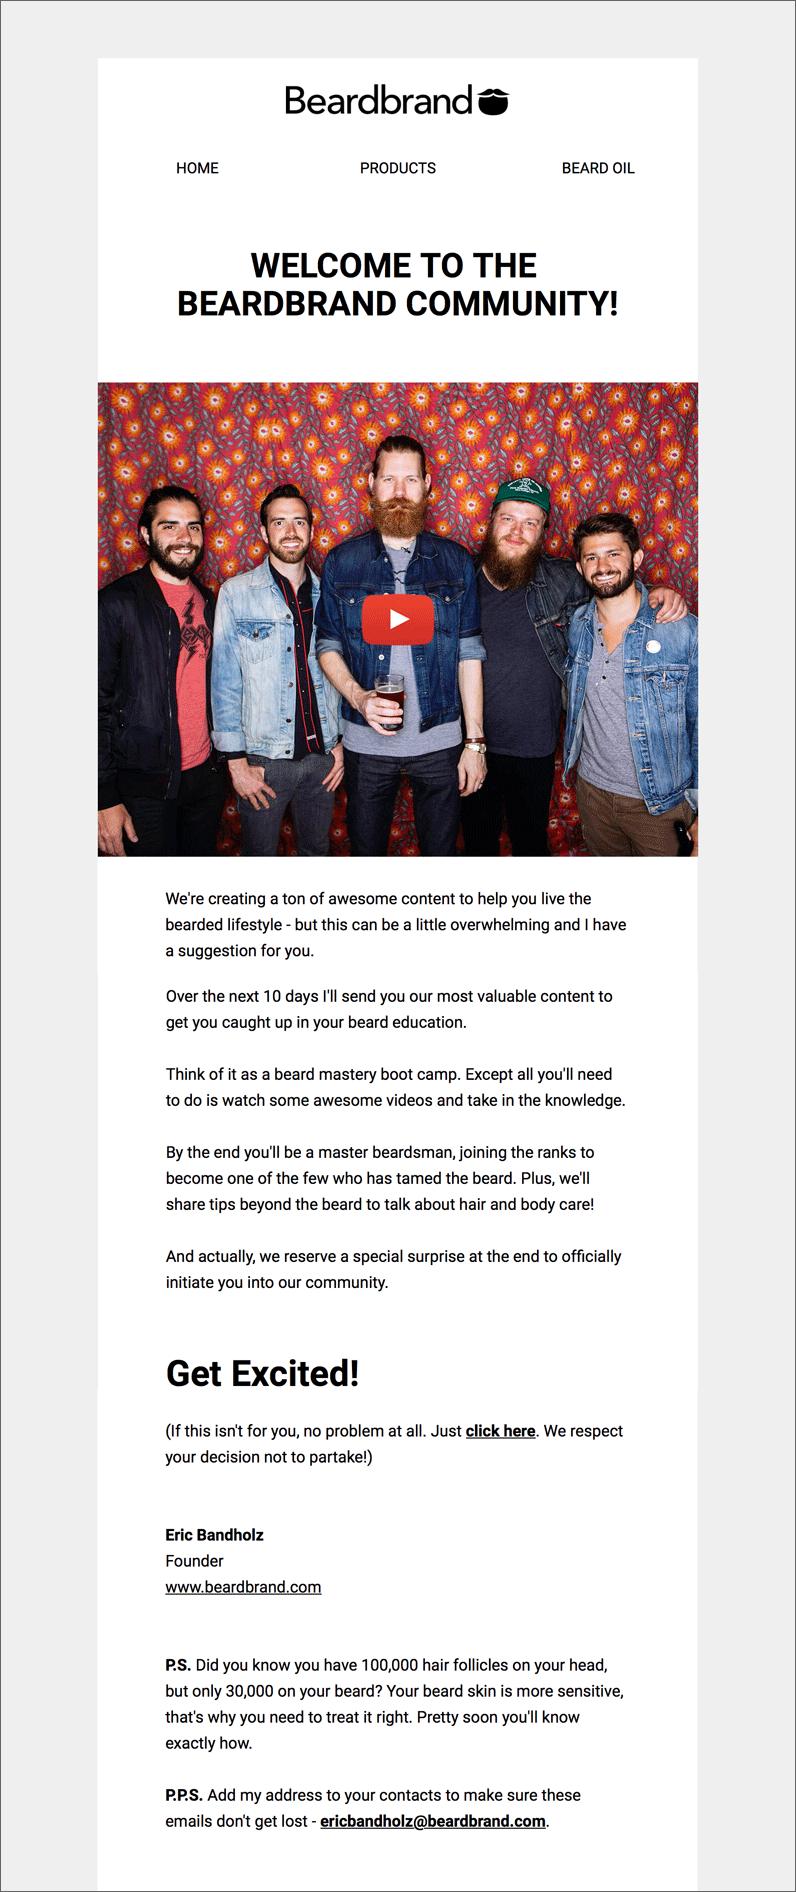 beardband welcome email